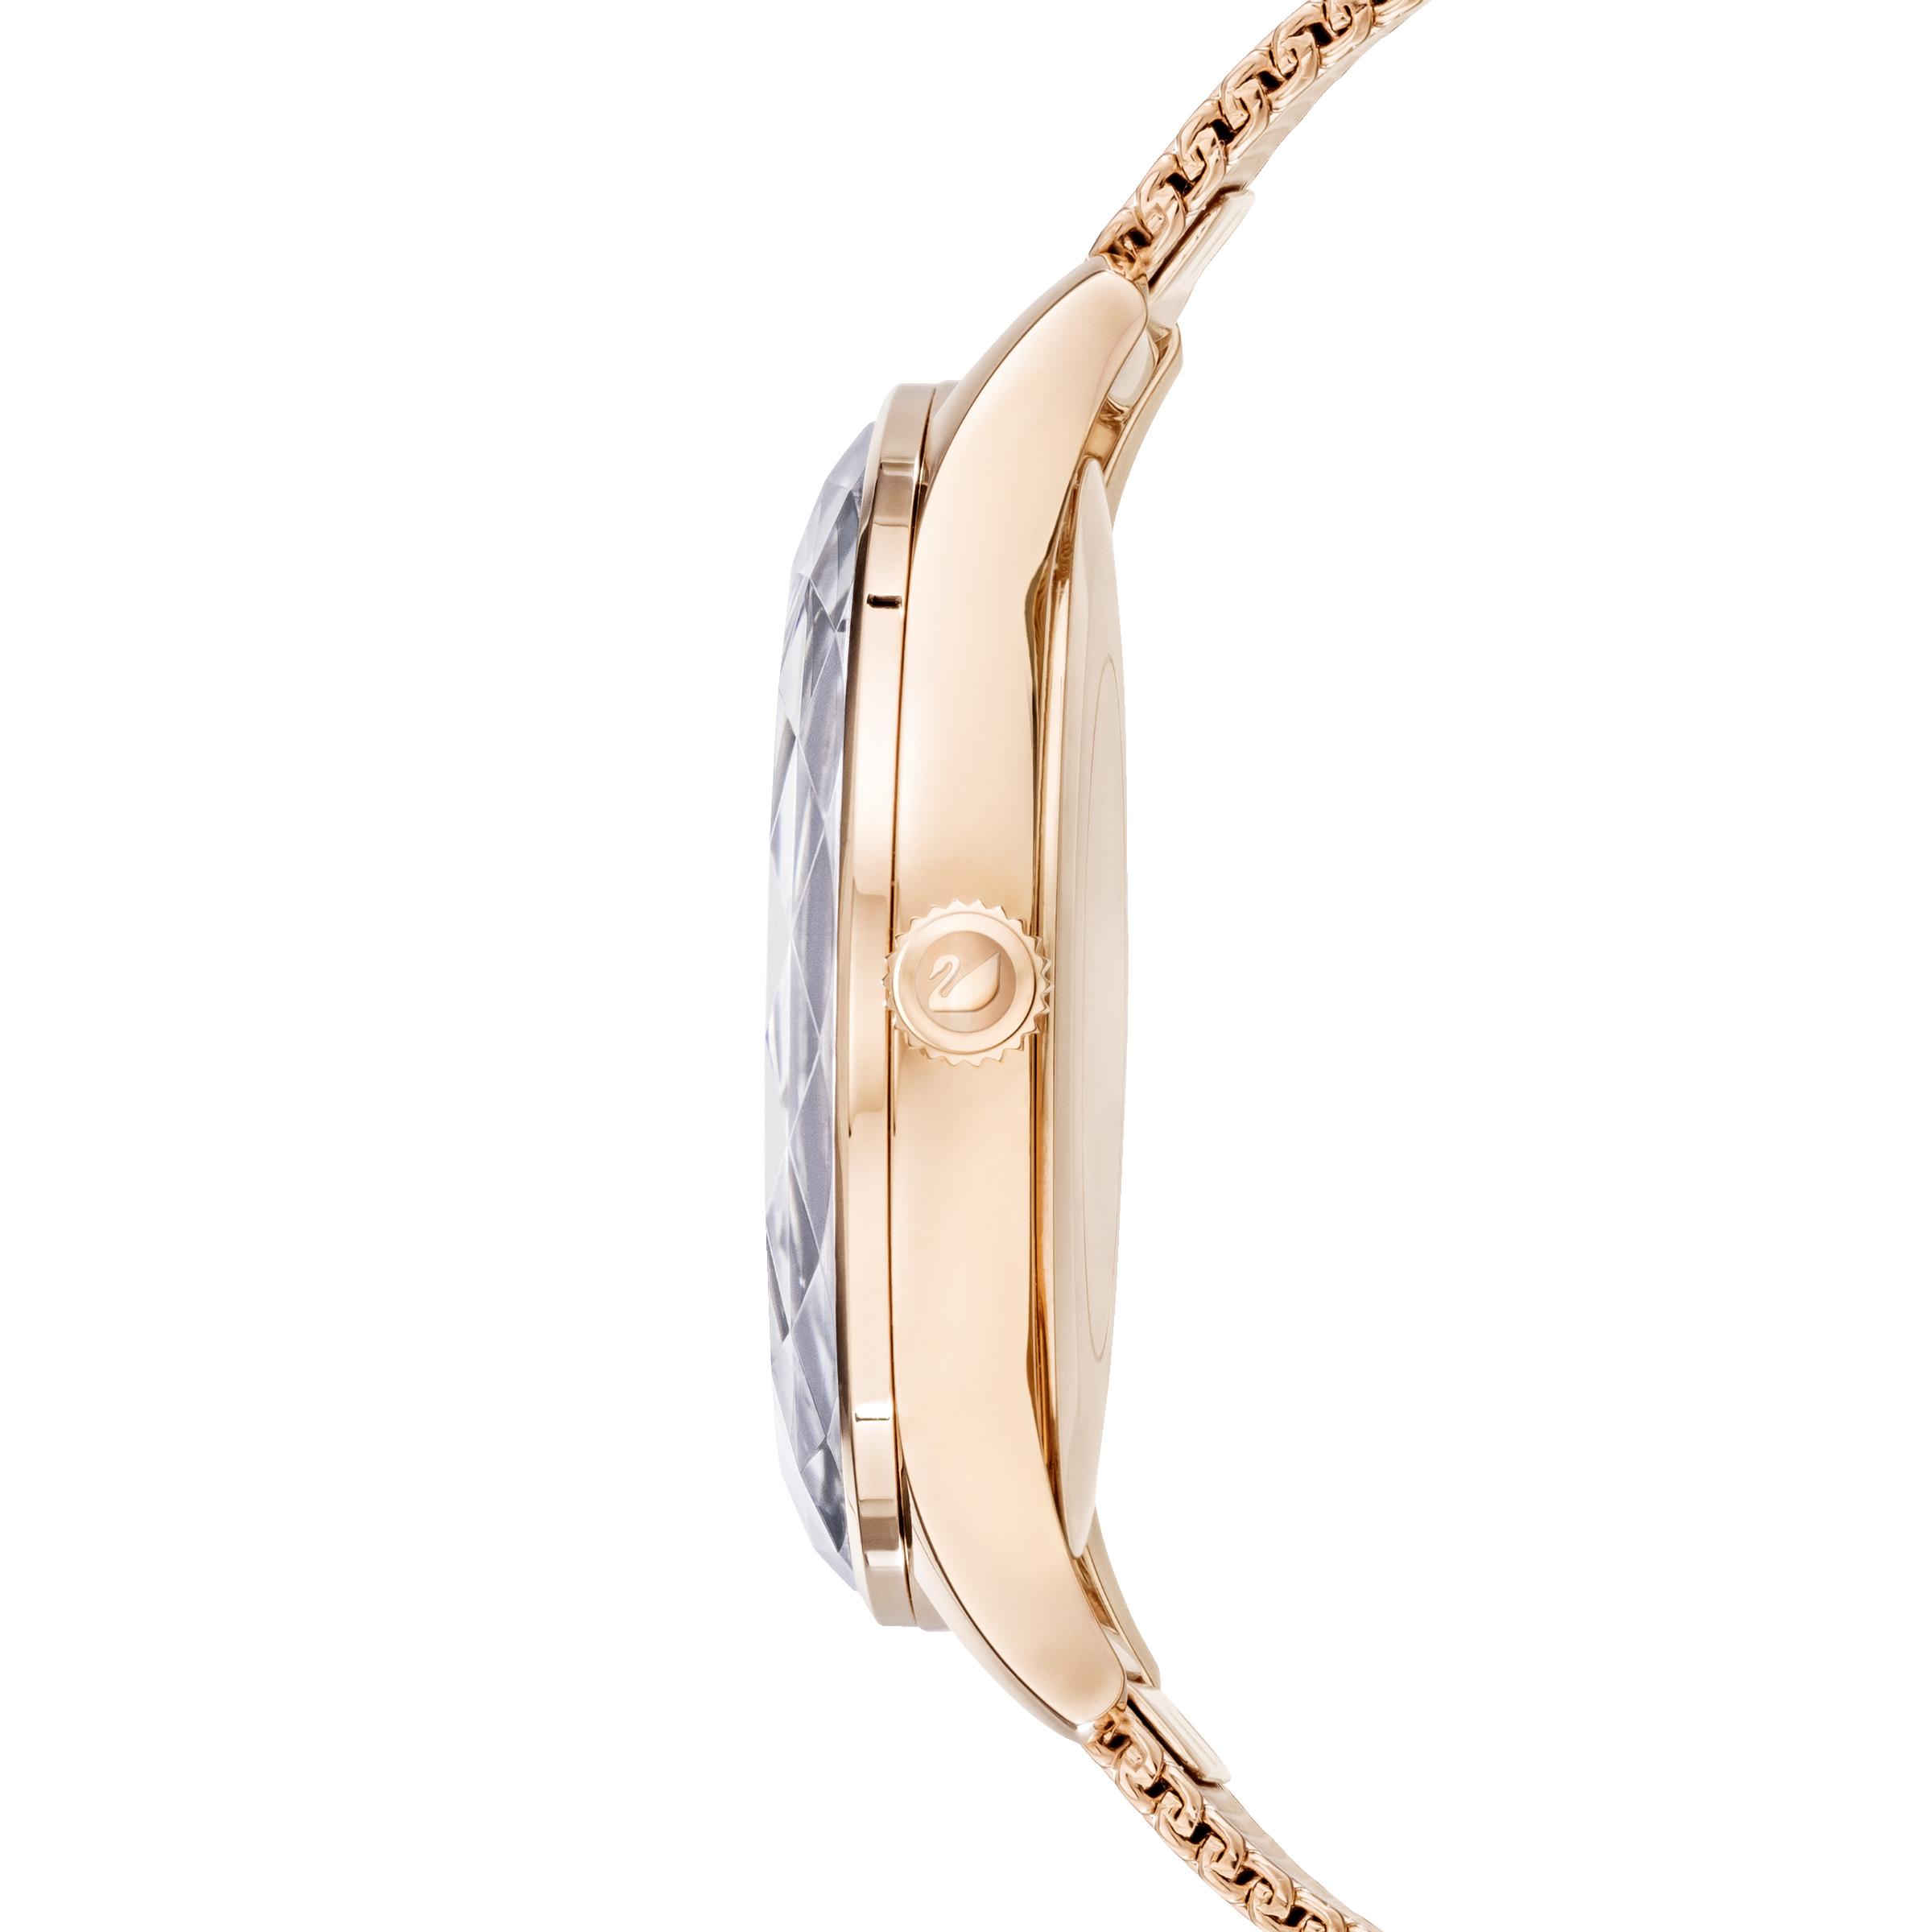 ساعة Octea Nova، سوار معدني شبكي، رمادية، درجة لون الذهب الوردي